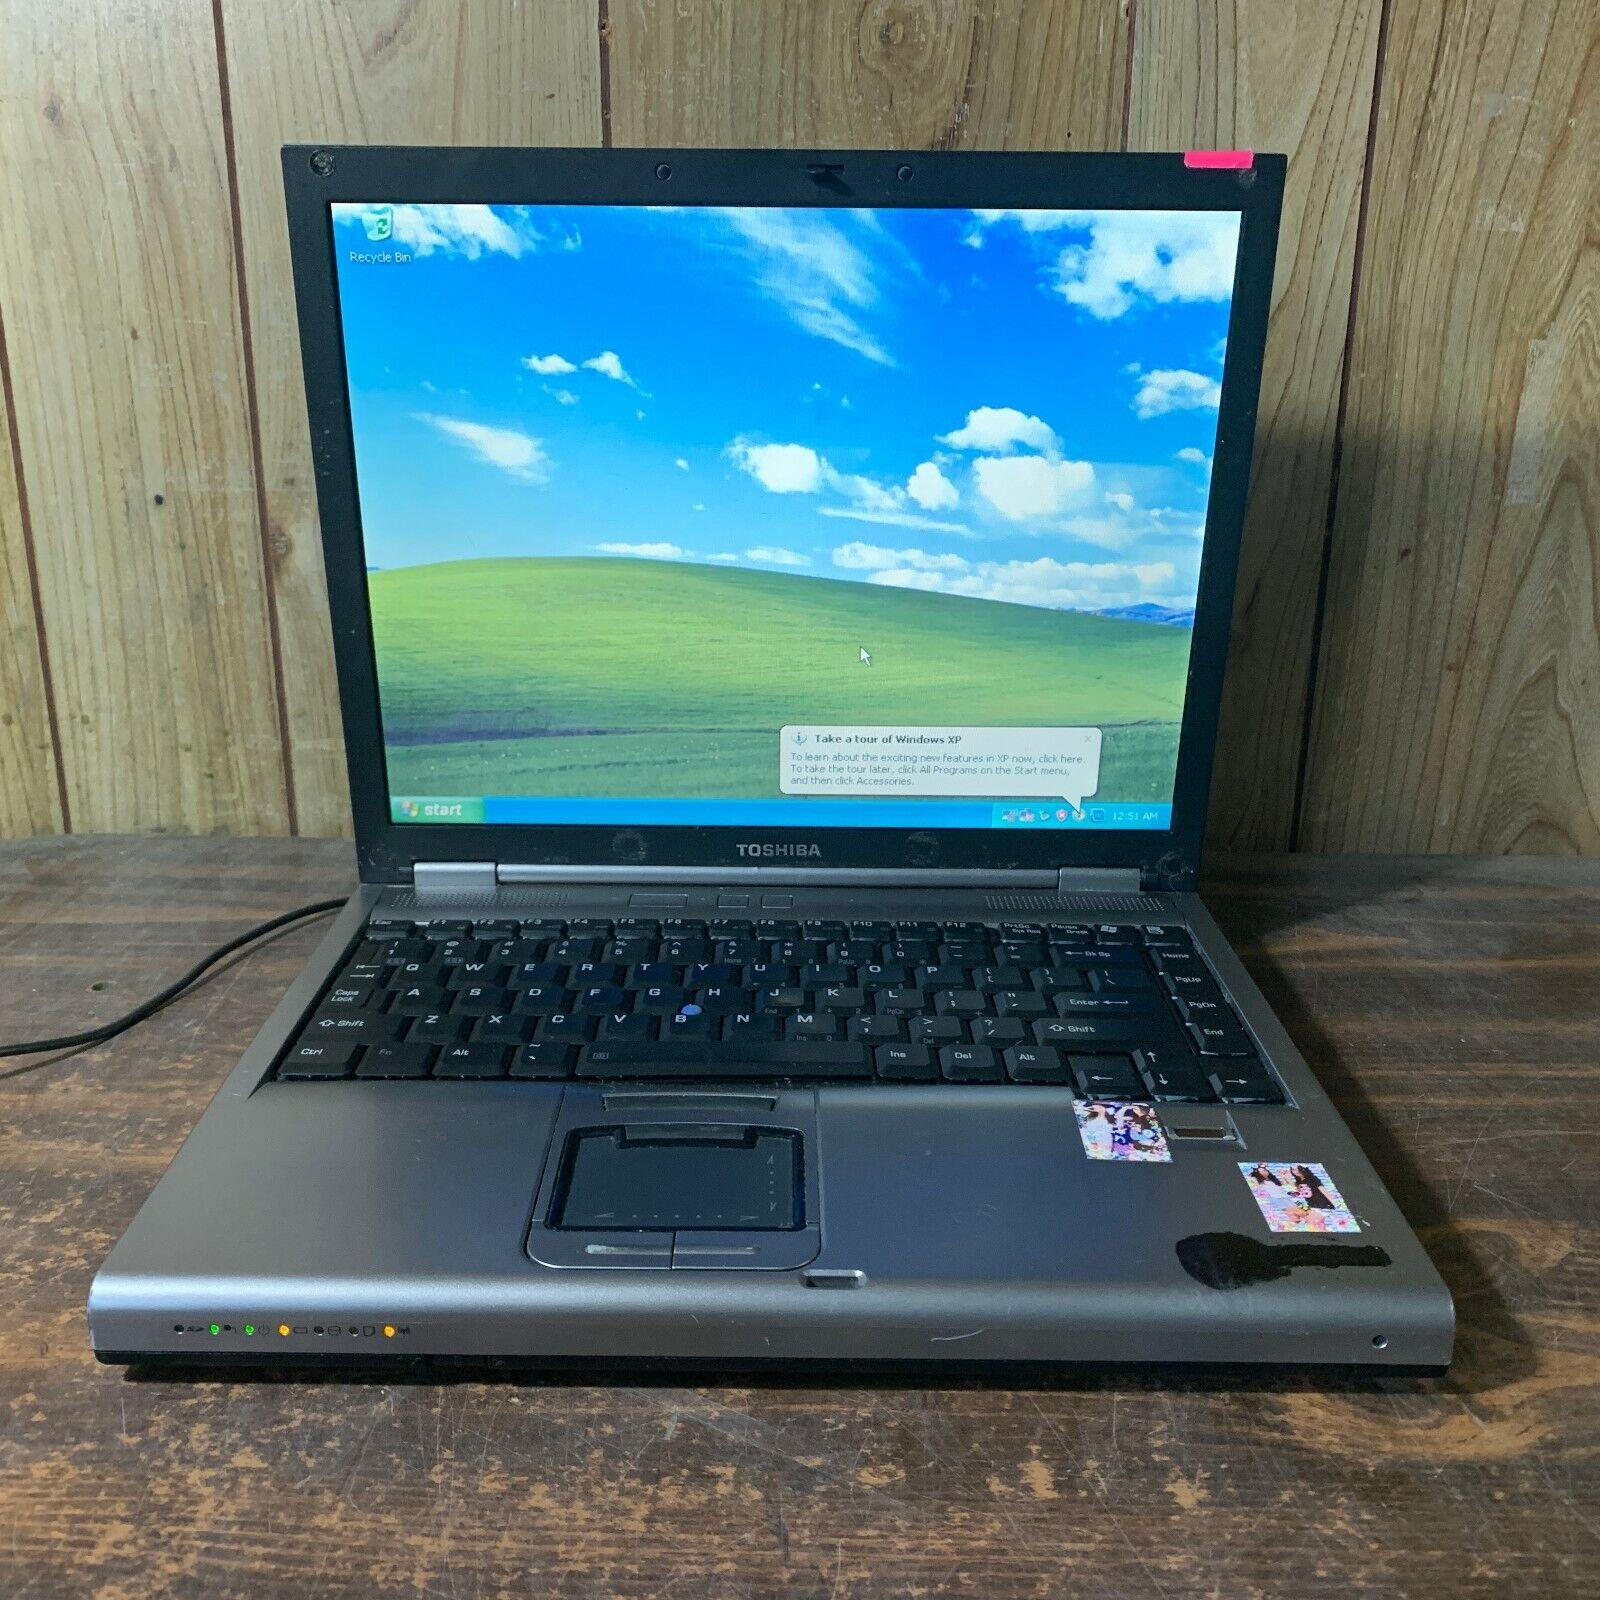 """Laptop Windows - Toshiba Tecra M5-S5332 12"""" Windows XP PRO Laptop Intel C2D 1.83ghz 1gb 100GB"""